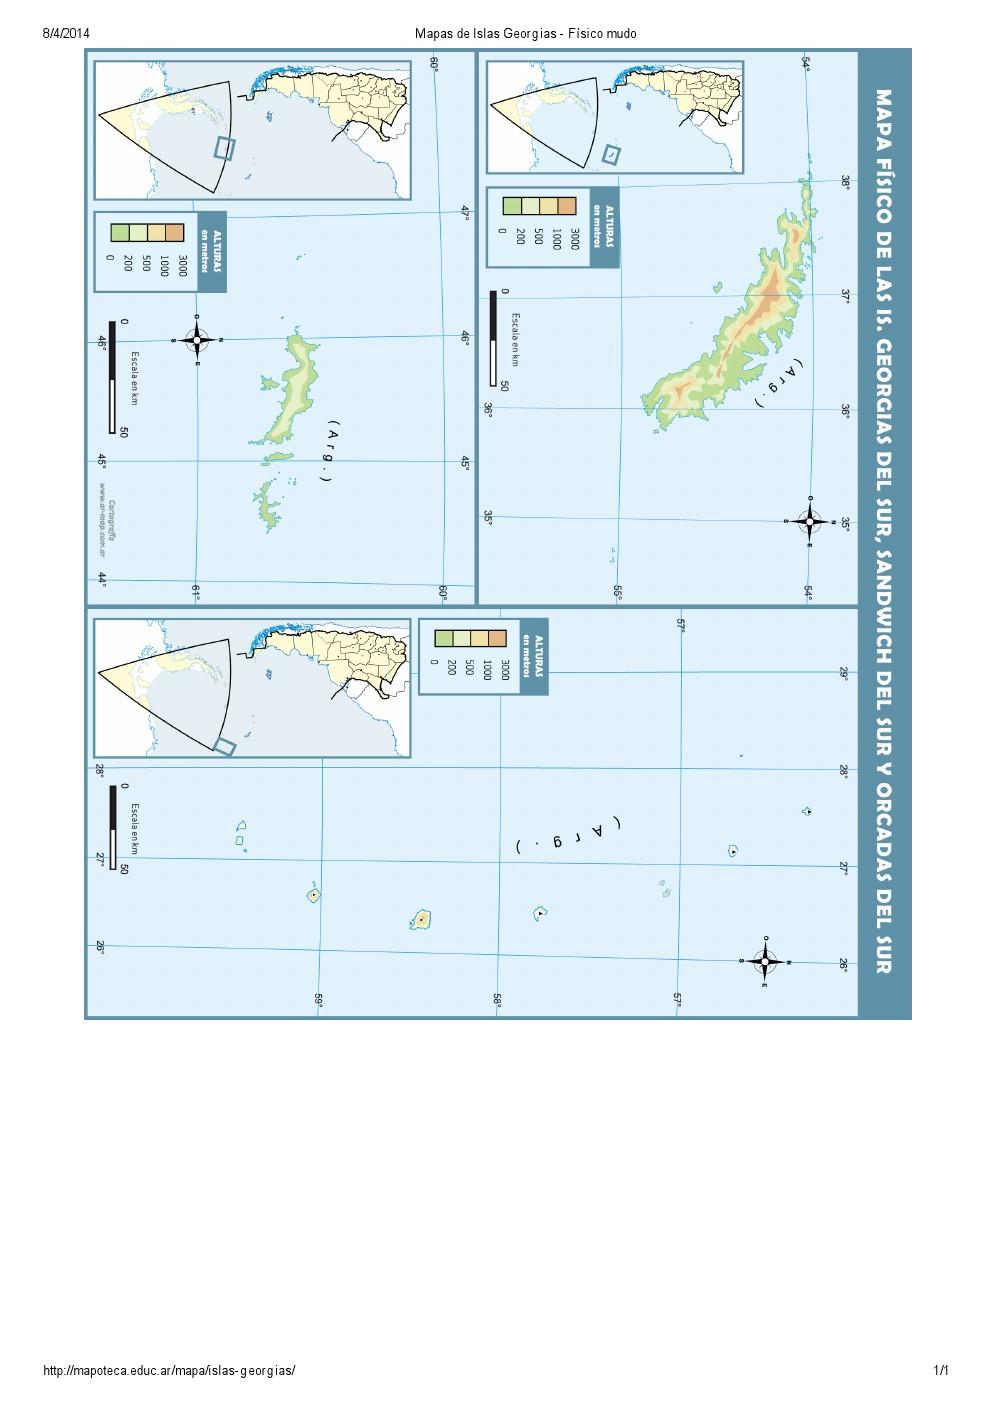 Mapa mudo de relieve de las Islas Georgias, Orcadas y Sandwich. Mapoteca de Educ.ar